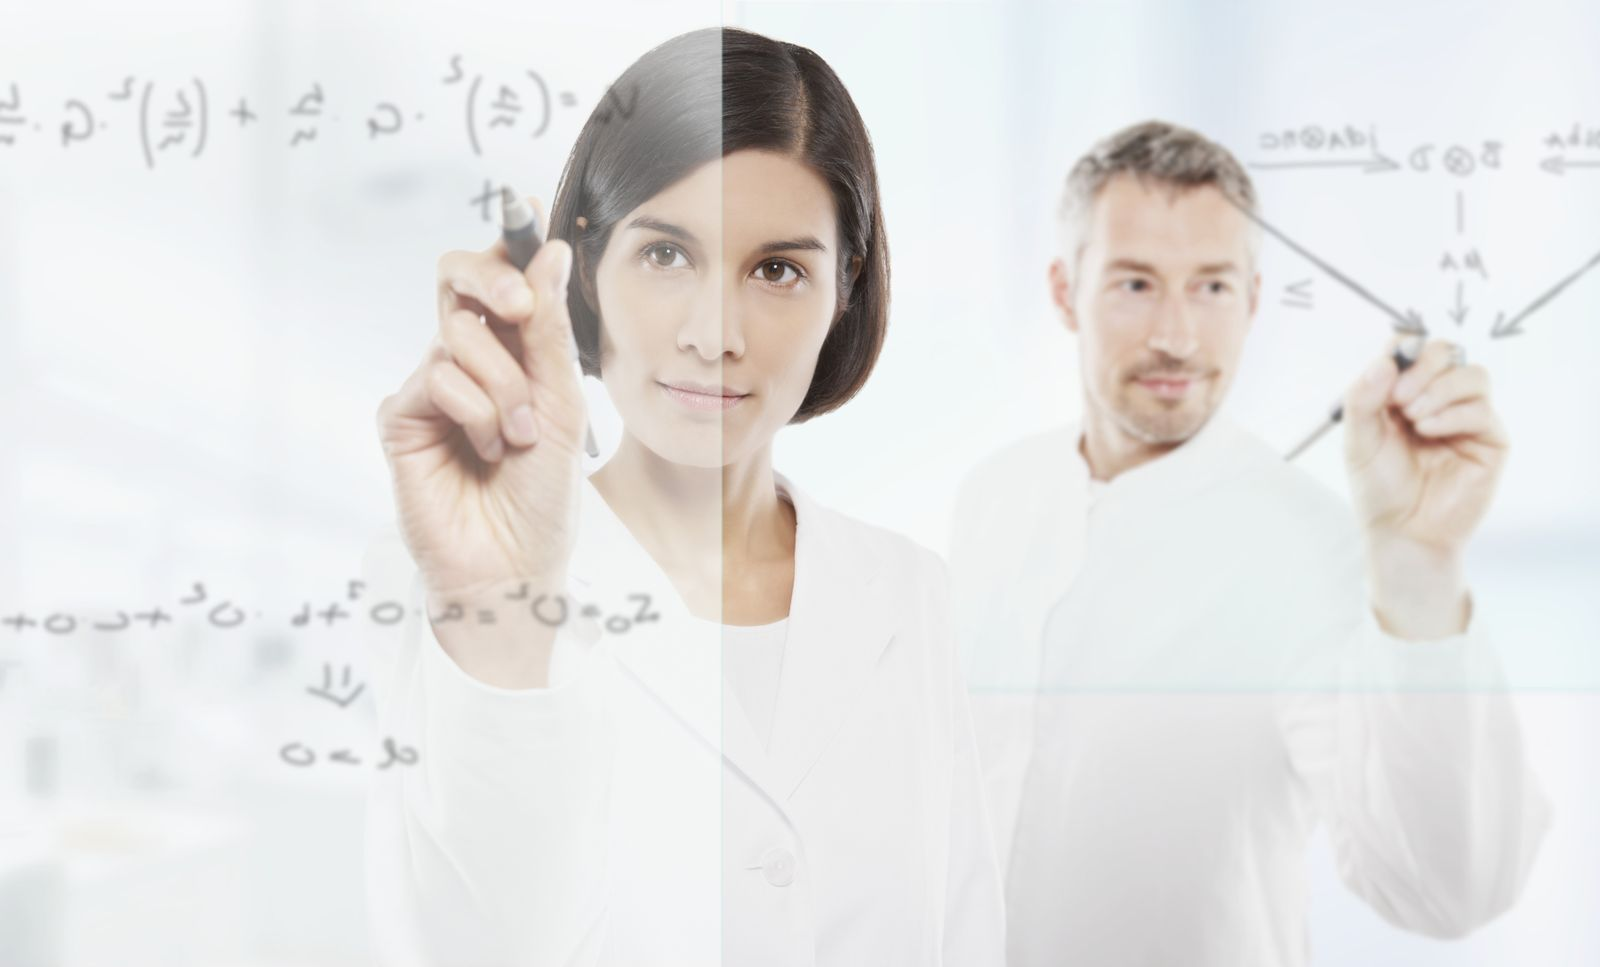 NICHT MEHR VERWENDEN! - Wissenschaft / Formeln